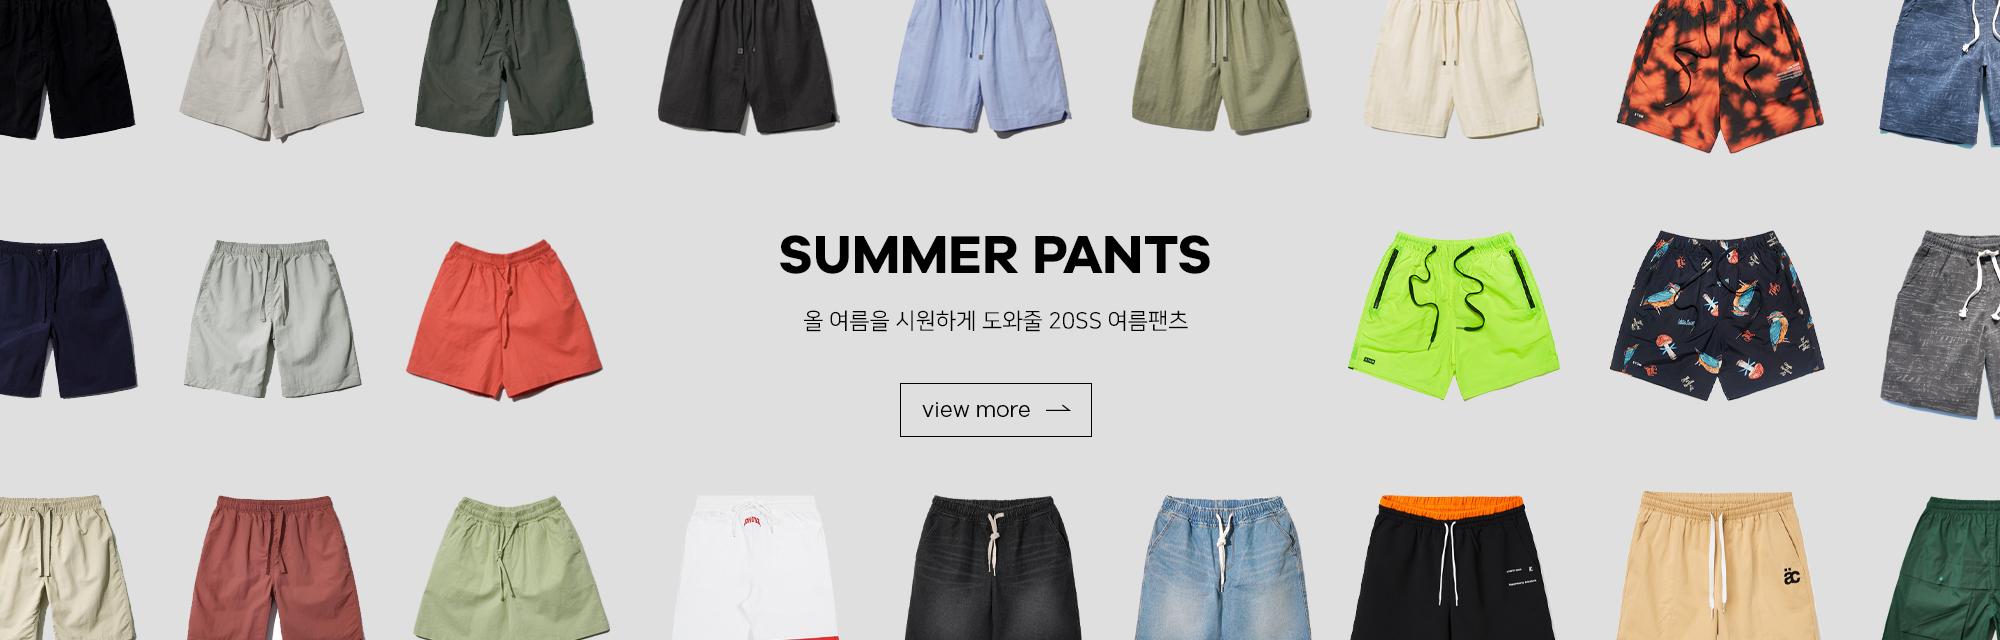 summerpants